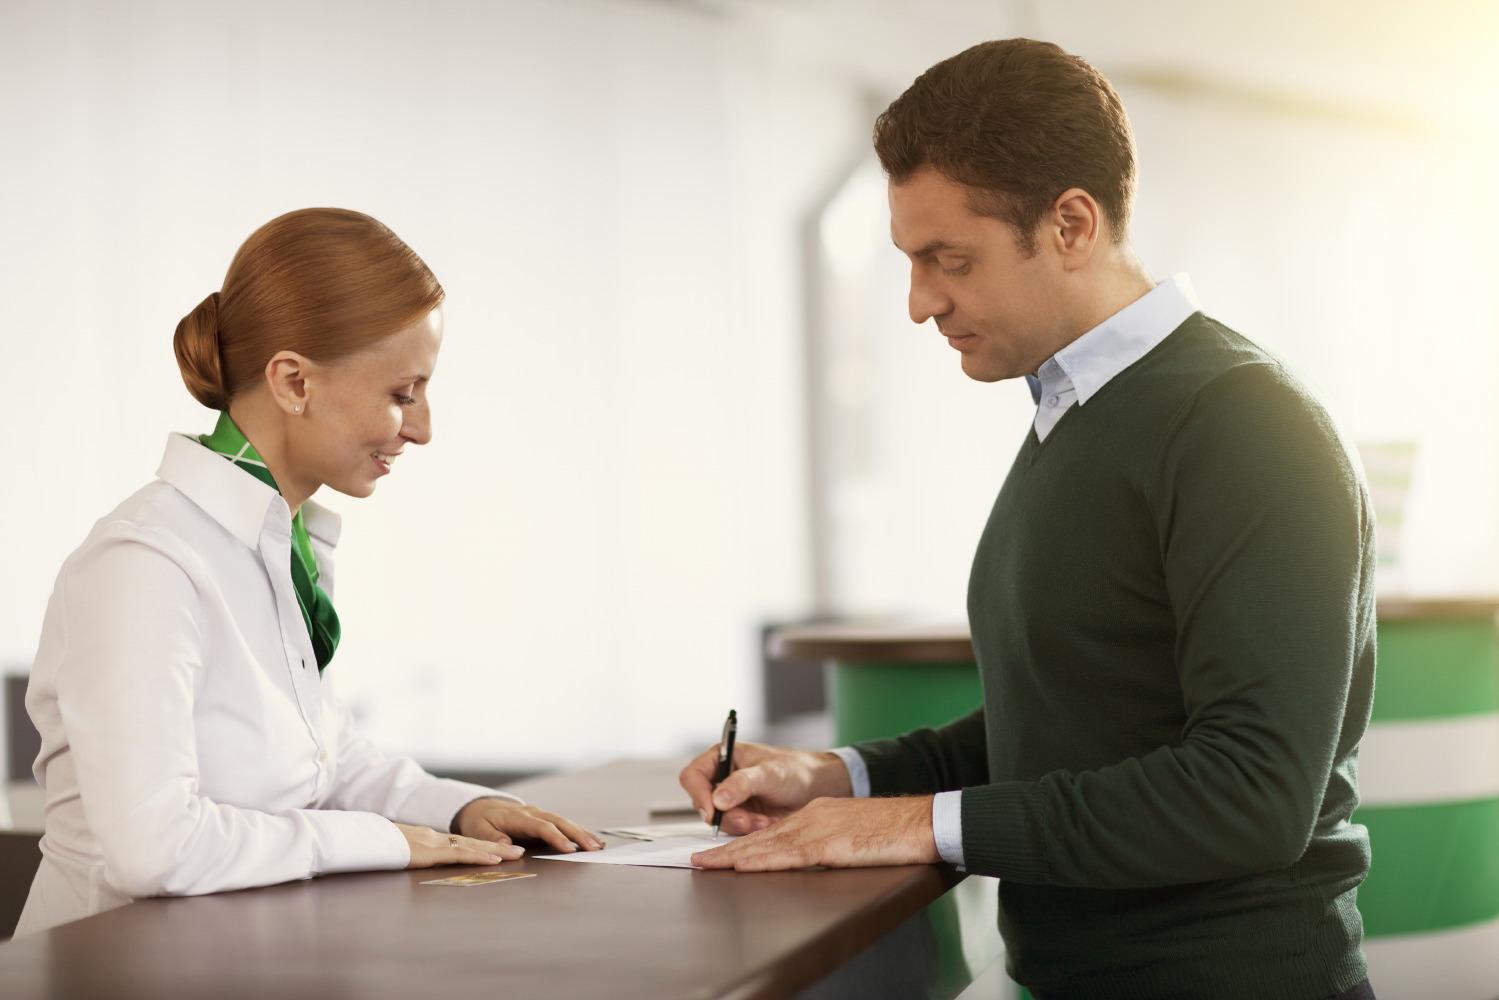 Сбербанк отмечает значительный рост потребительского кредитования в Якутии